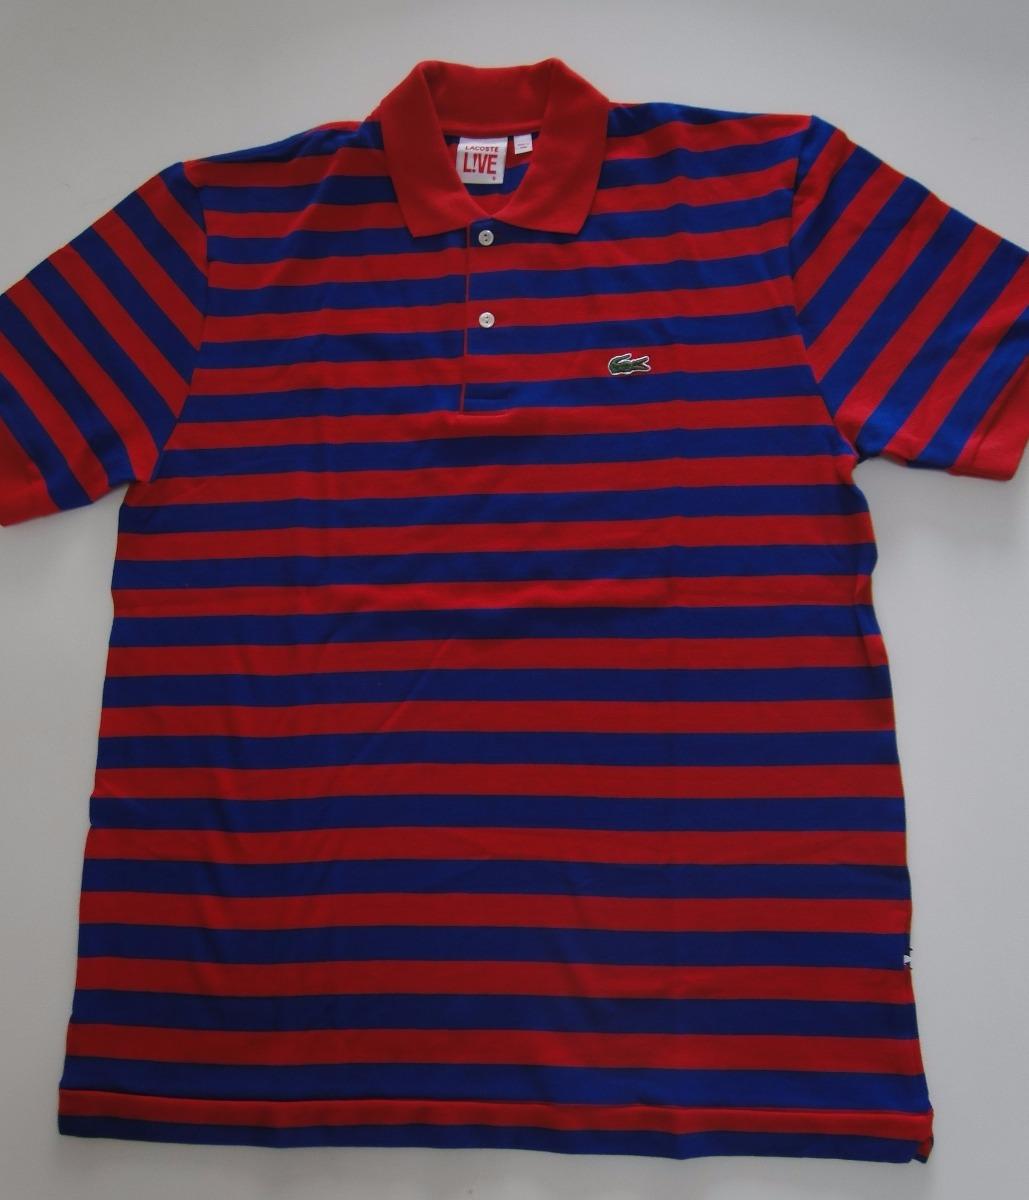 e66494948a Camisa Polo Lacoste Live   Gold Masculina - R  130